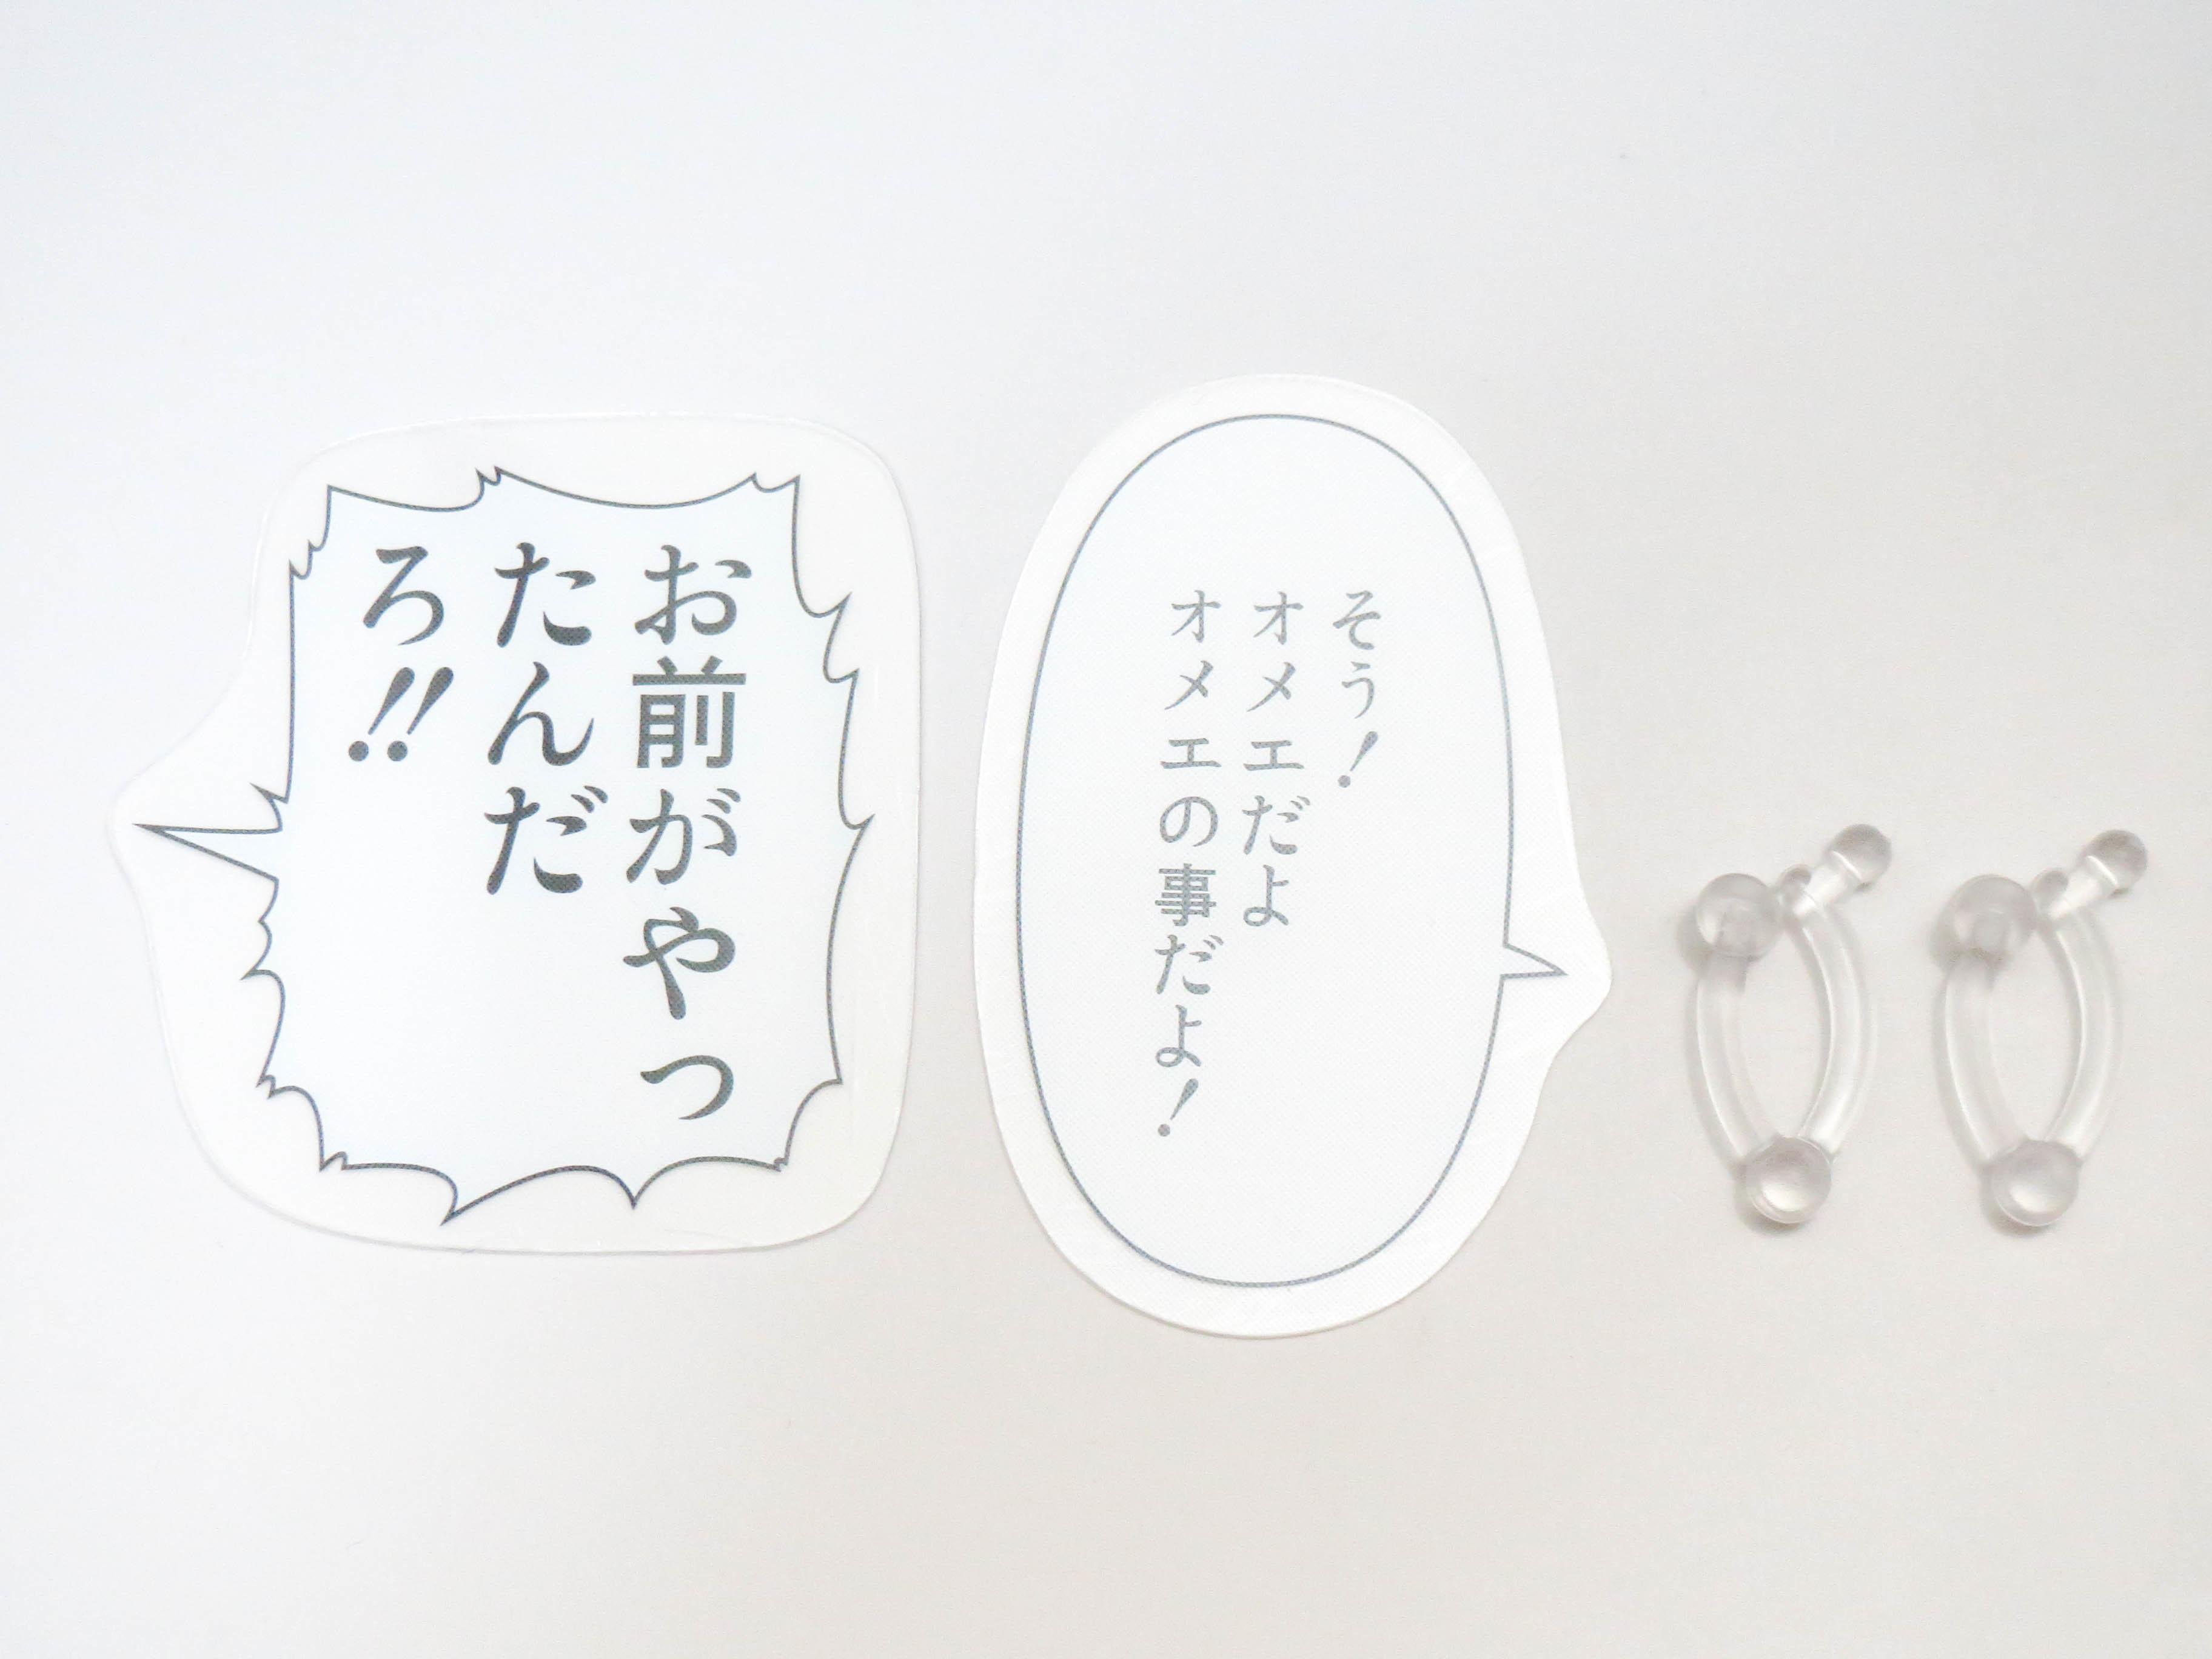 【SALE】【712】 ピピ美 手パーツ 吹き出しプレート ねんどろいど